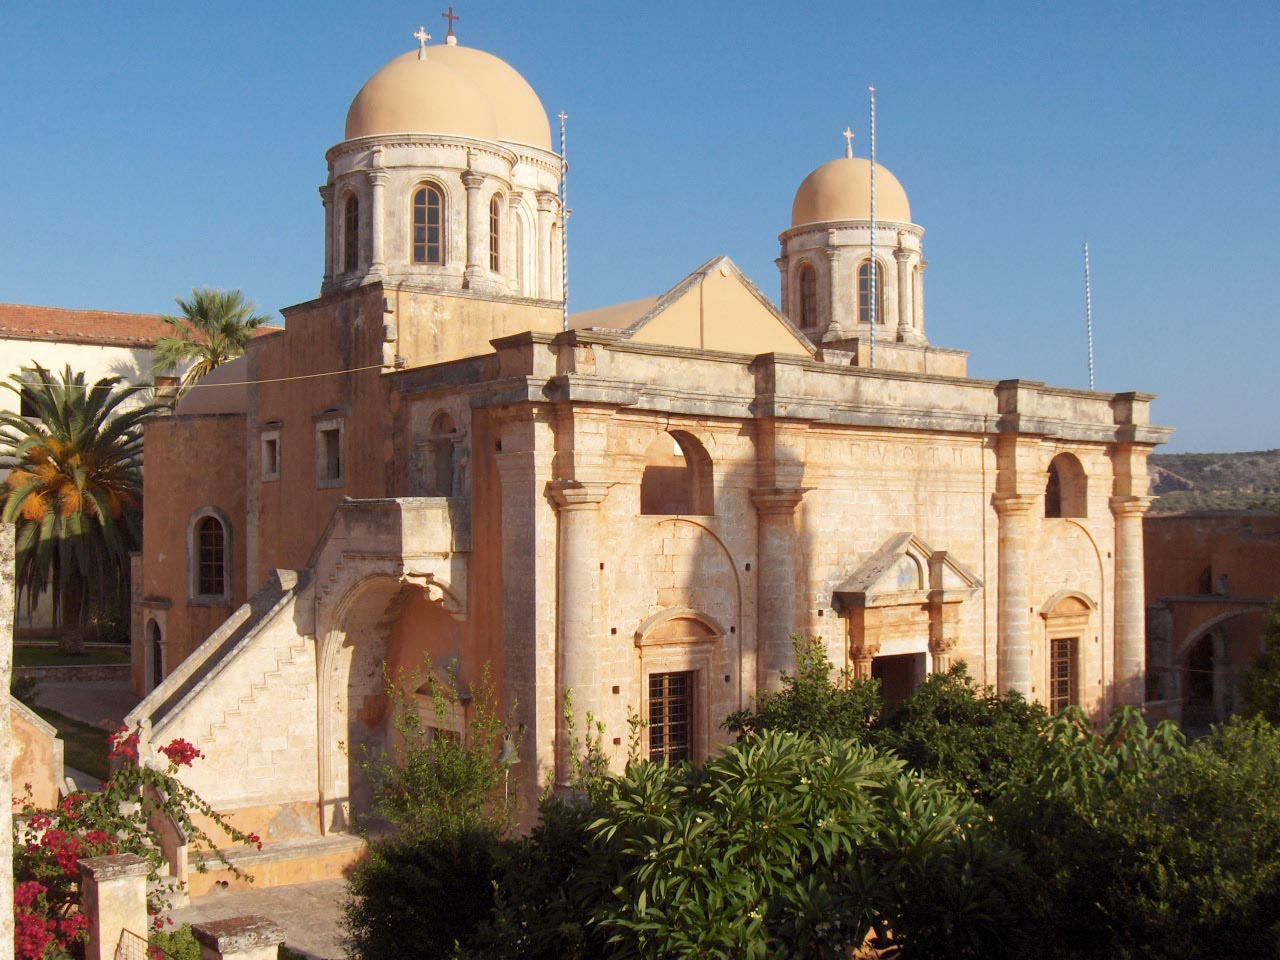 Η Μονή Αγίας Τριάδας Τζαγκαρόλων: Το πιο γνωστό Μοναστήρι της Κρήτης